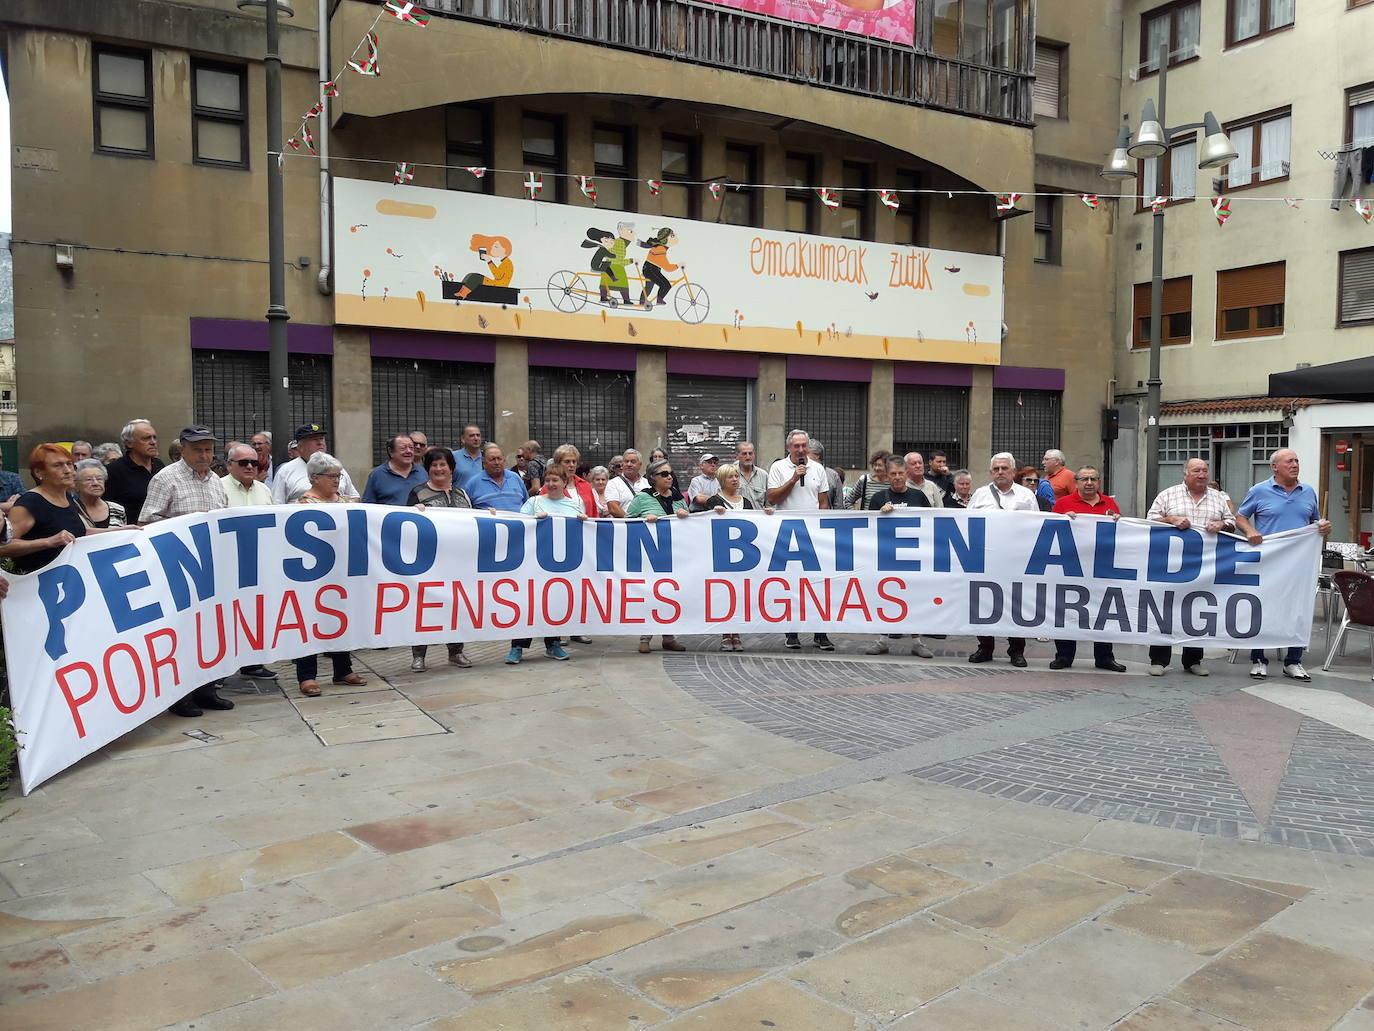 Pensionistas de la comarca se manifestarán en Durango el lunes